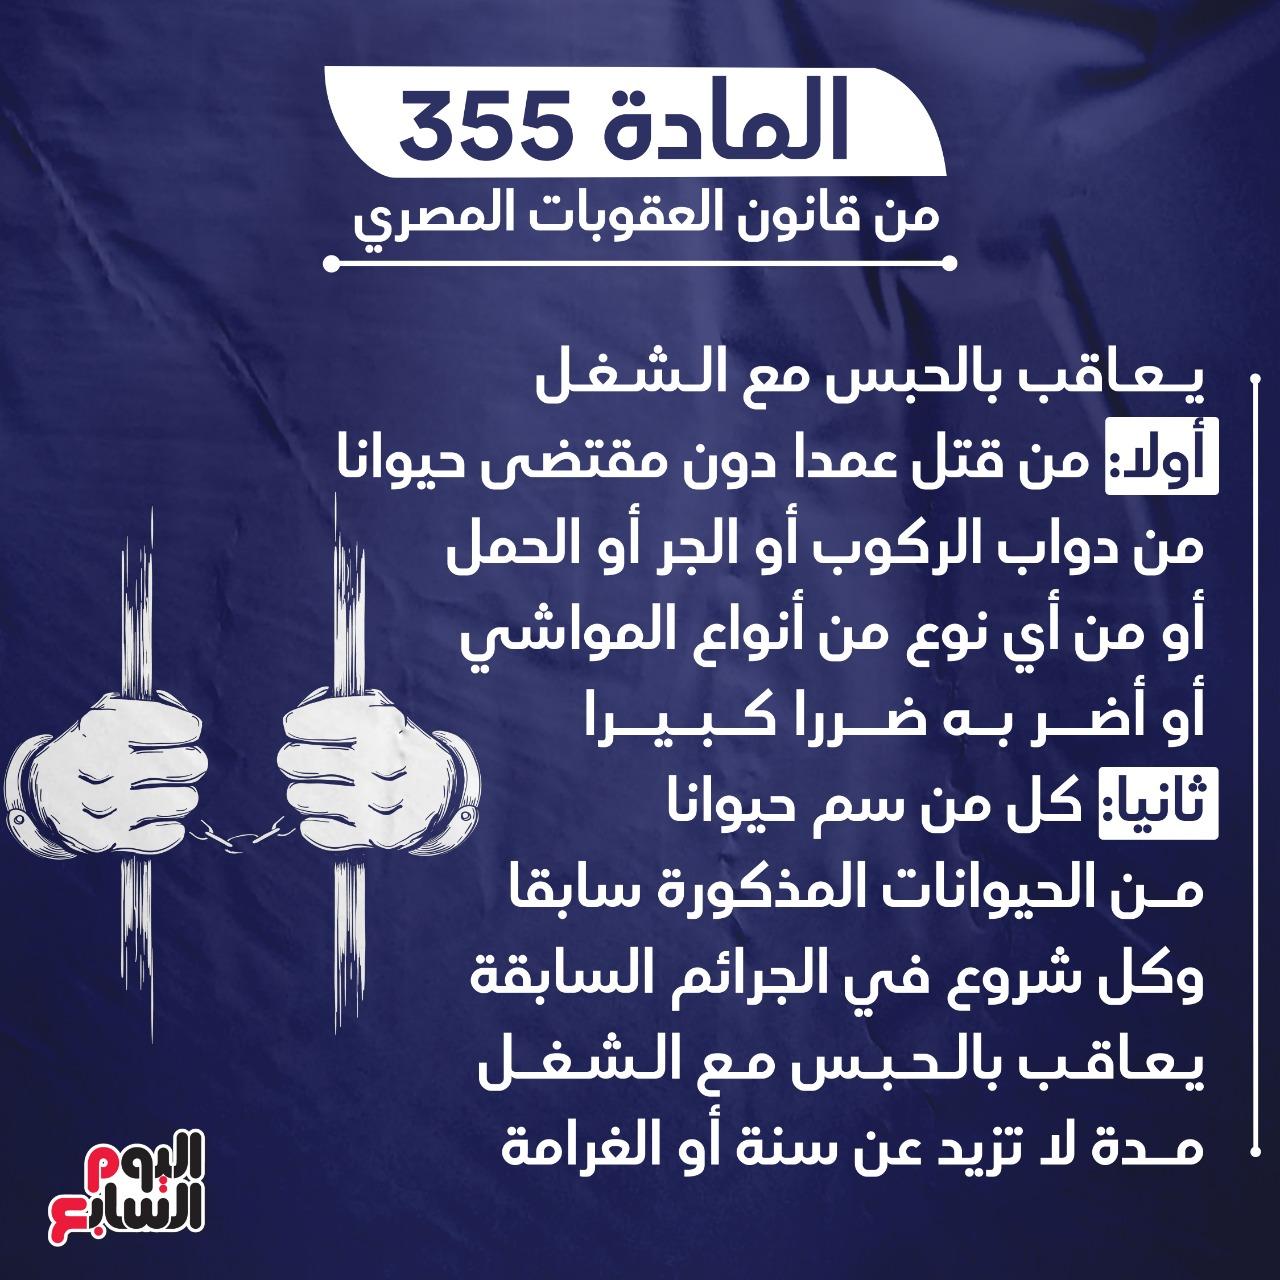 السجن 7 سنوات عقوبة واقعة السحل فى الإسكندرية (2)